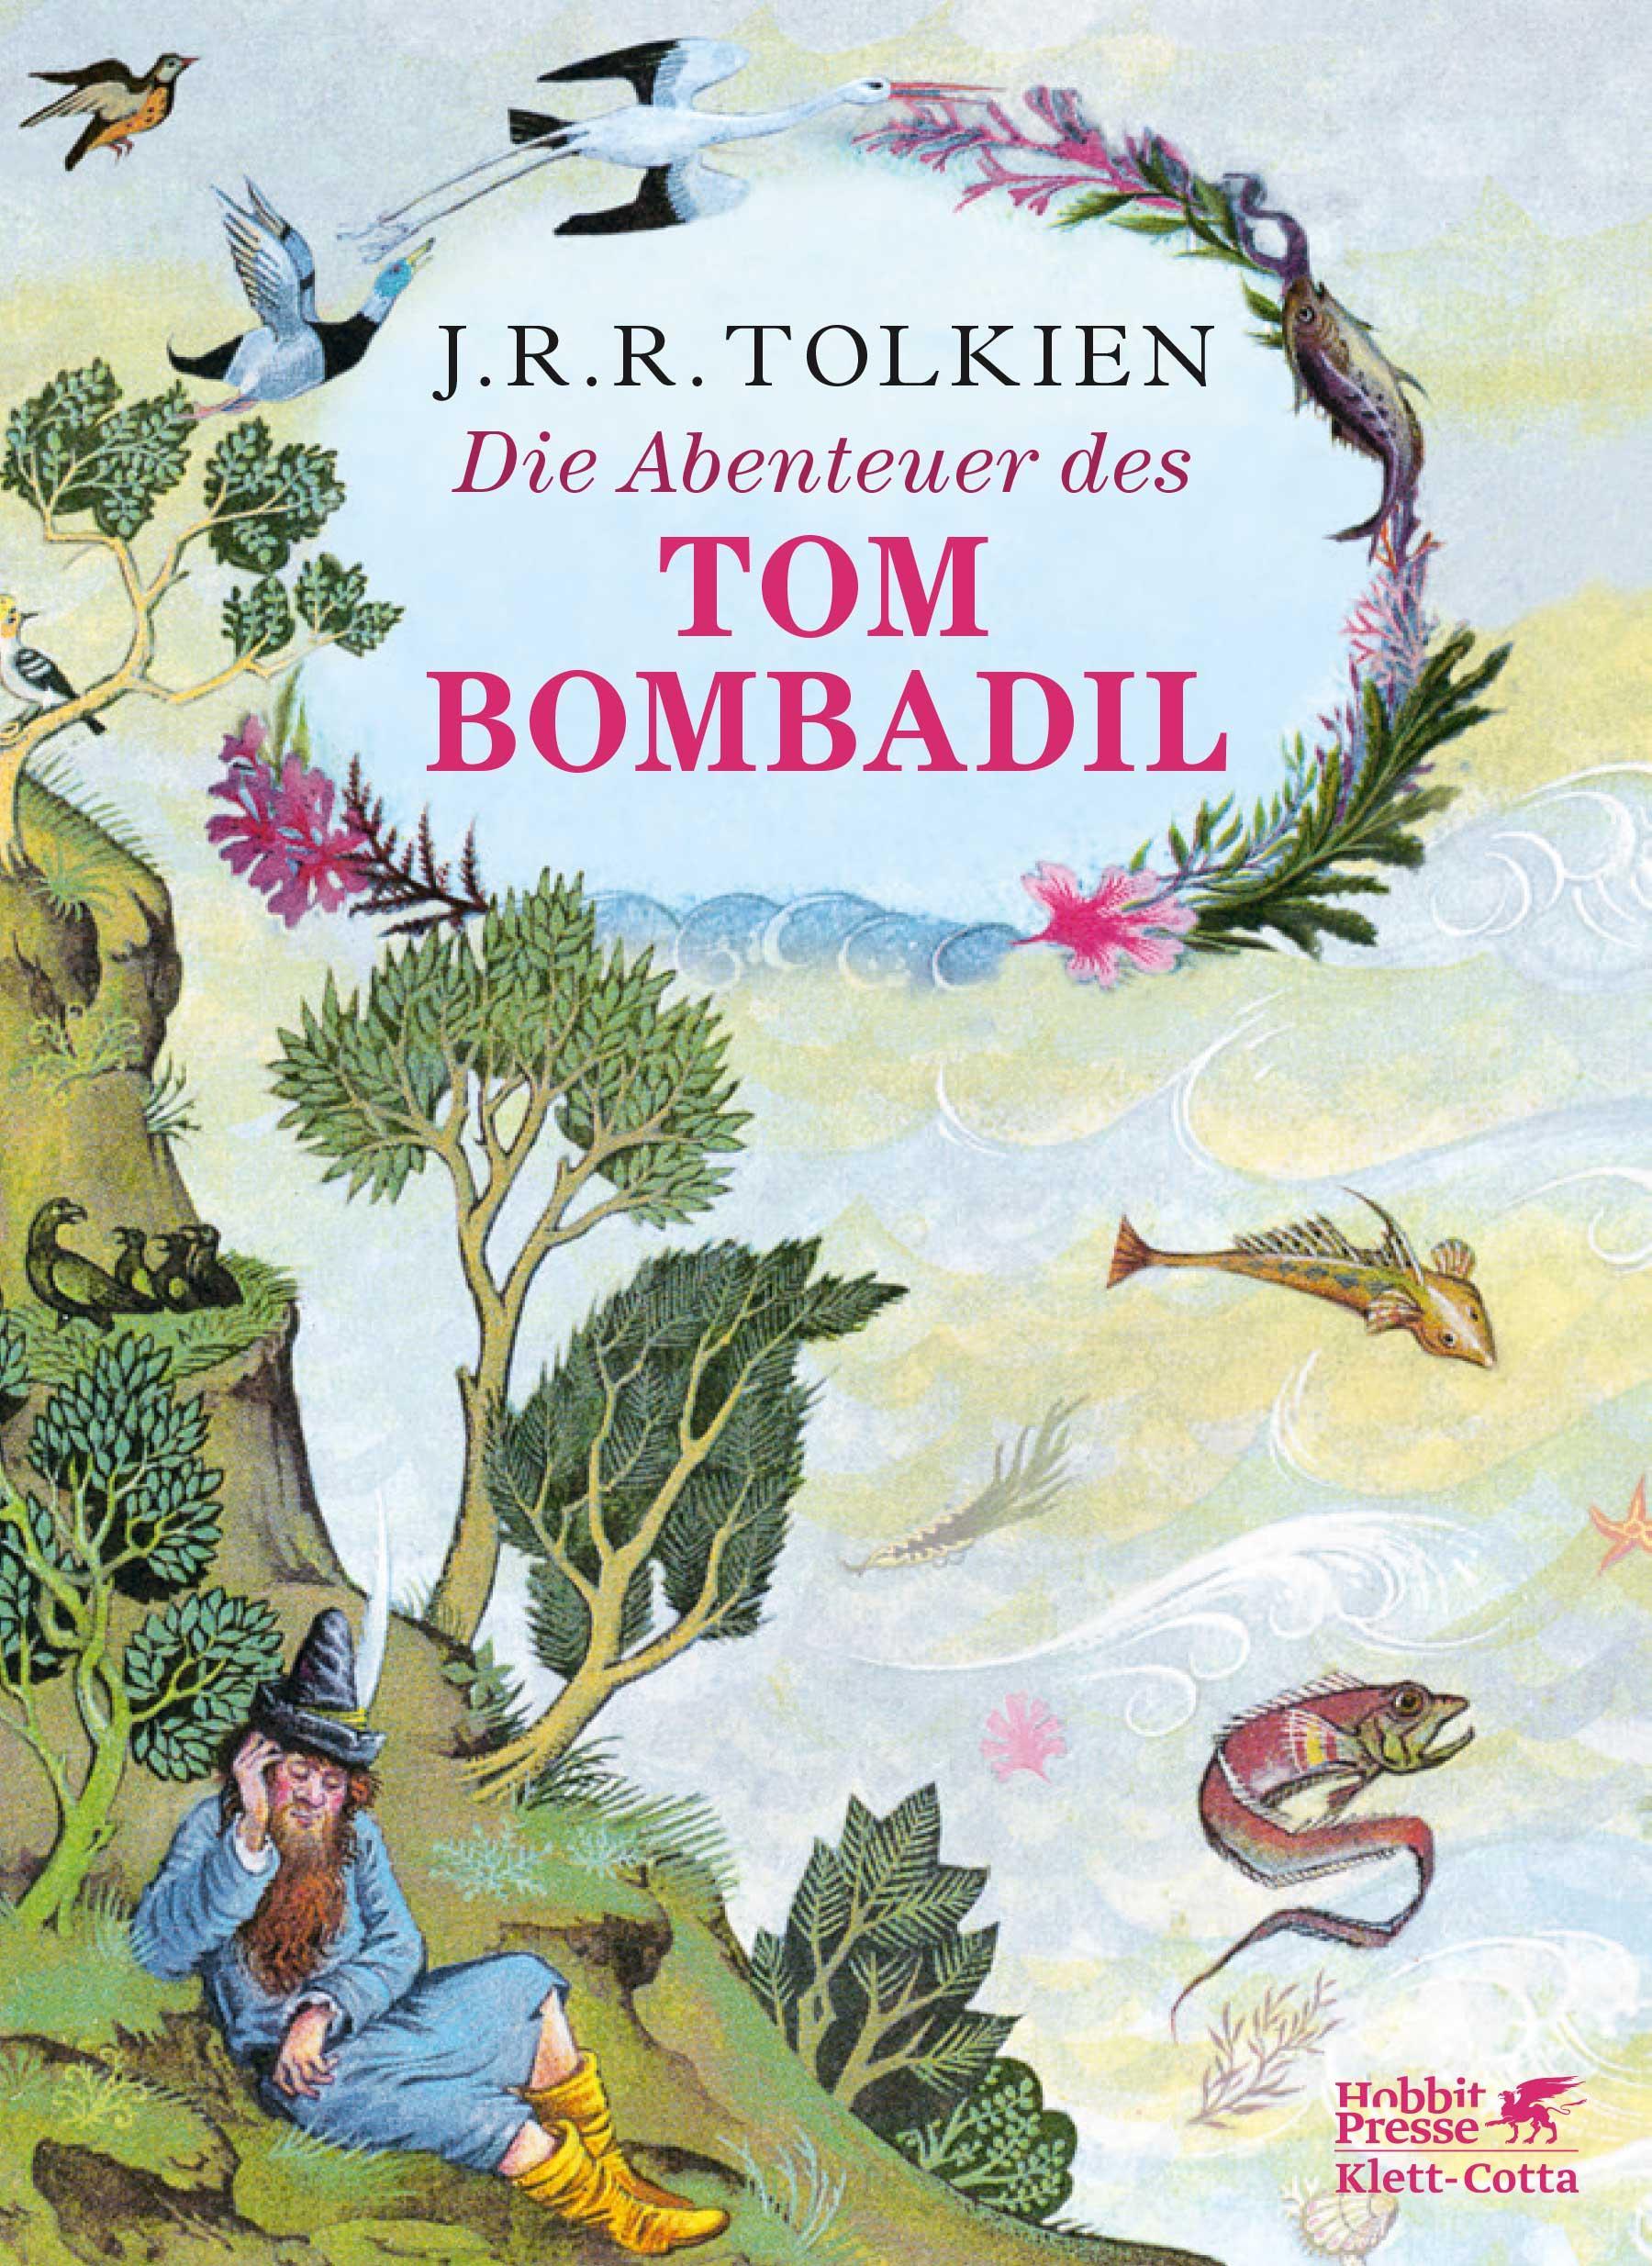 Die Abenteuer des Tom Bombadil J. R. R. Tolkien